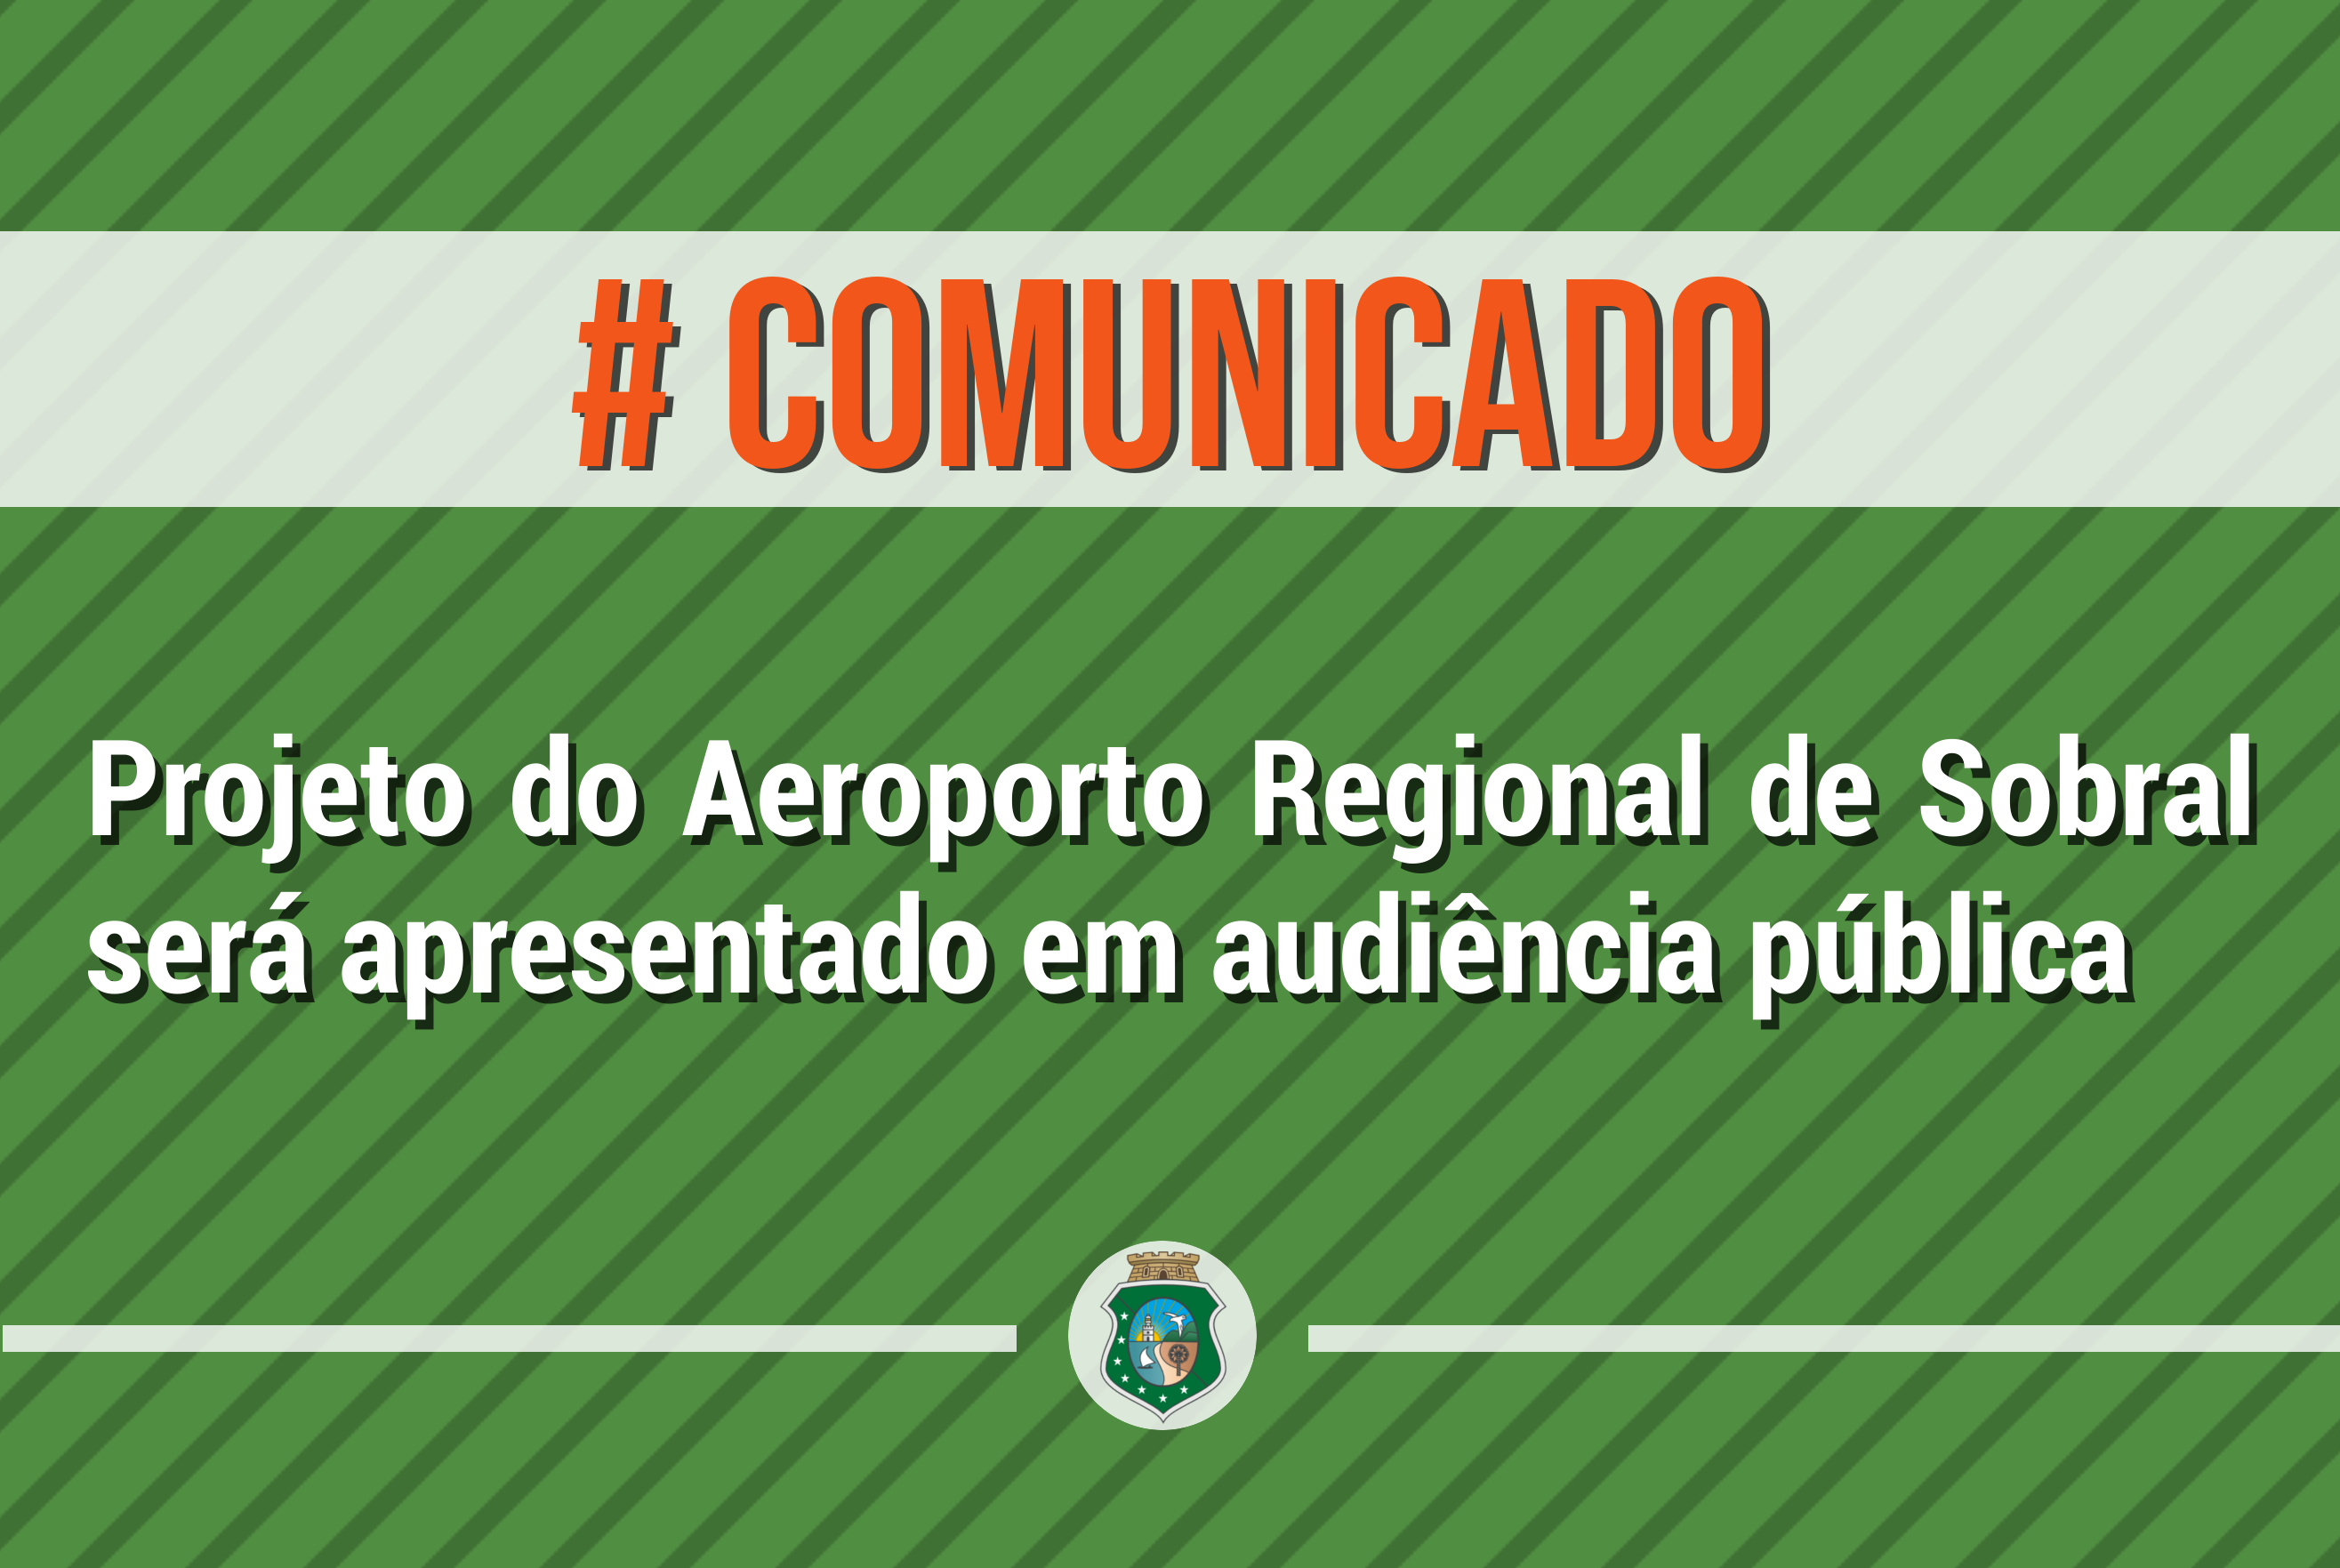 Projeto do Aeroporto Regional de Sobral será apresentado em audiência pública